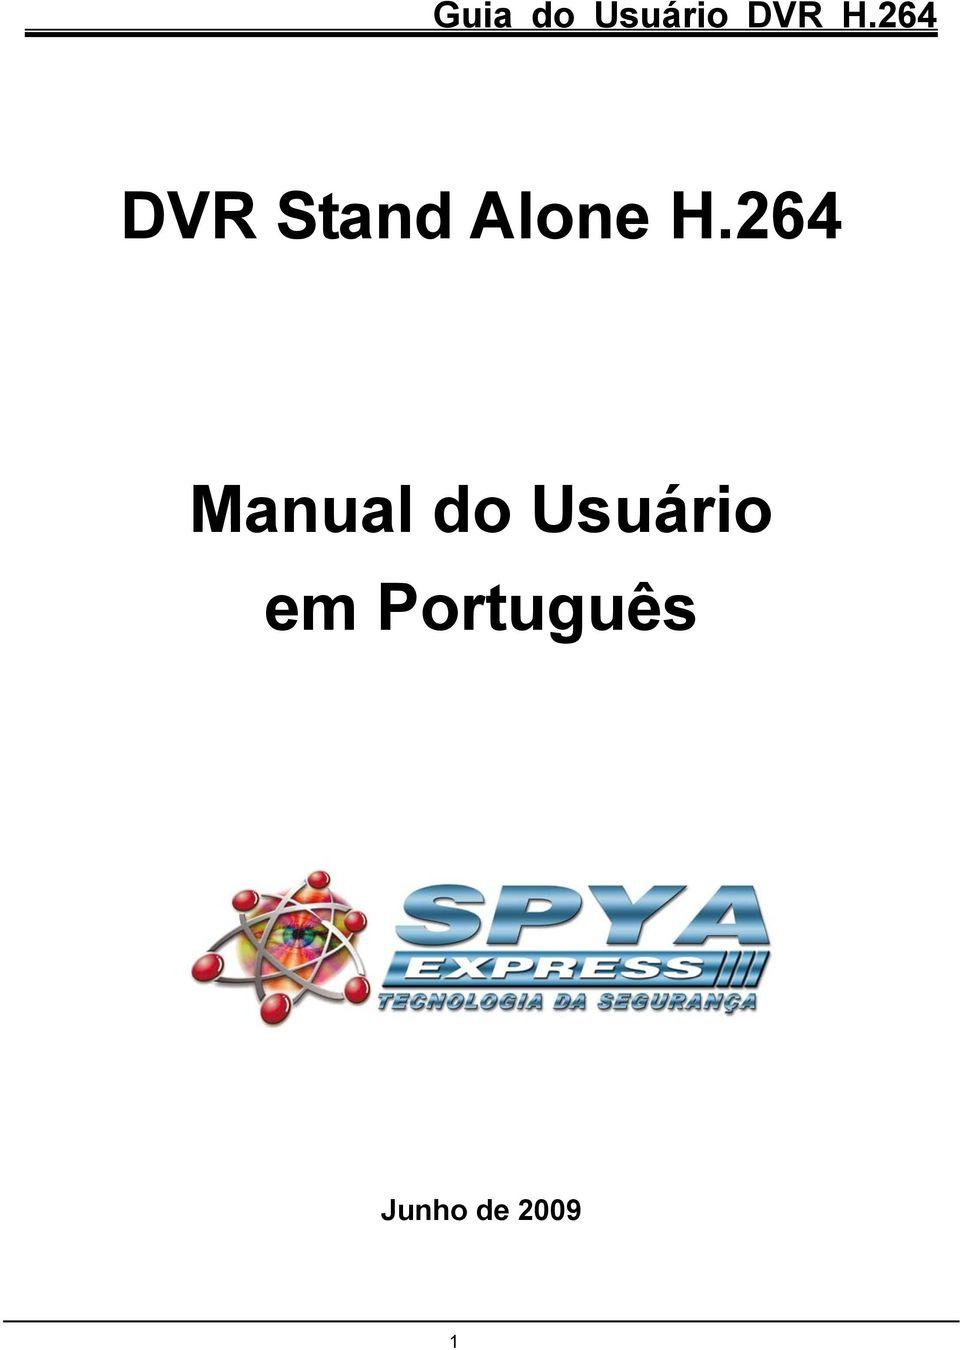 Guia do Usuário DVR H.264. DVR Stand Alone H.264. Manual